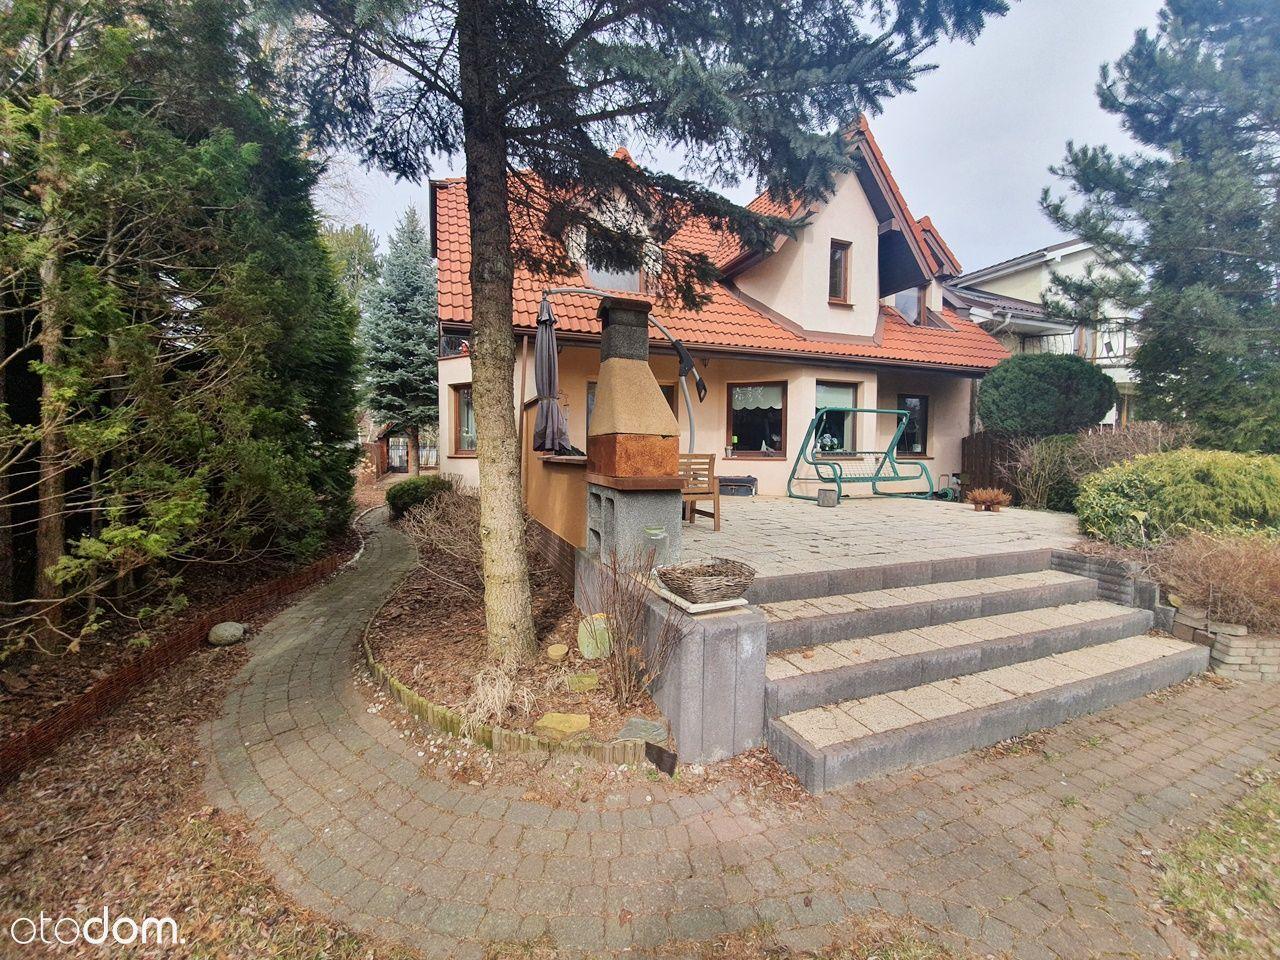 Nowa Cena! Dom 175 m na działce 657 m w Bobrowcu!